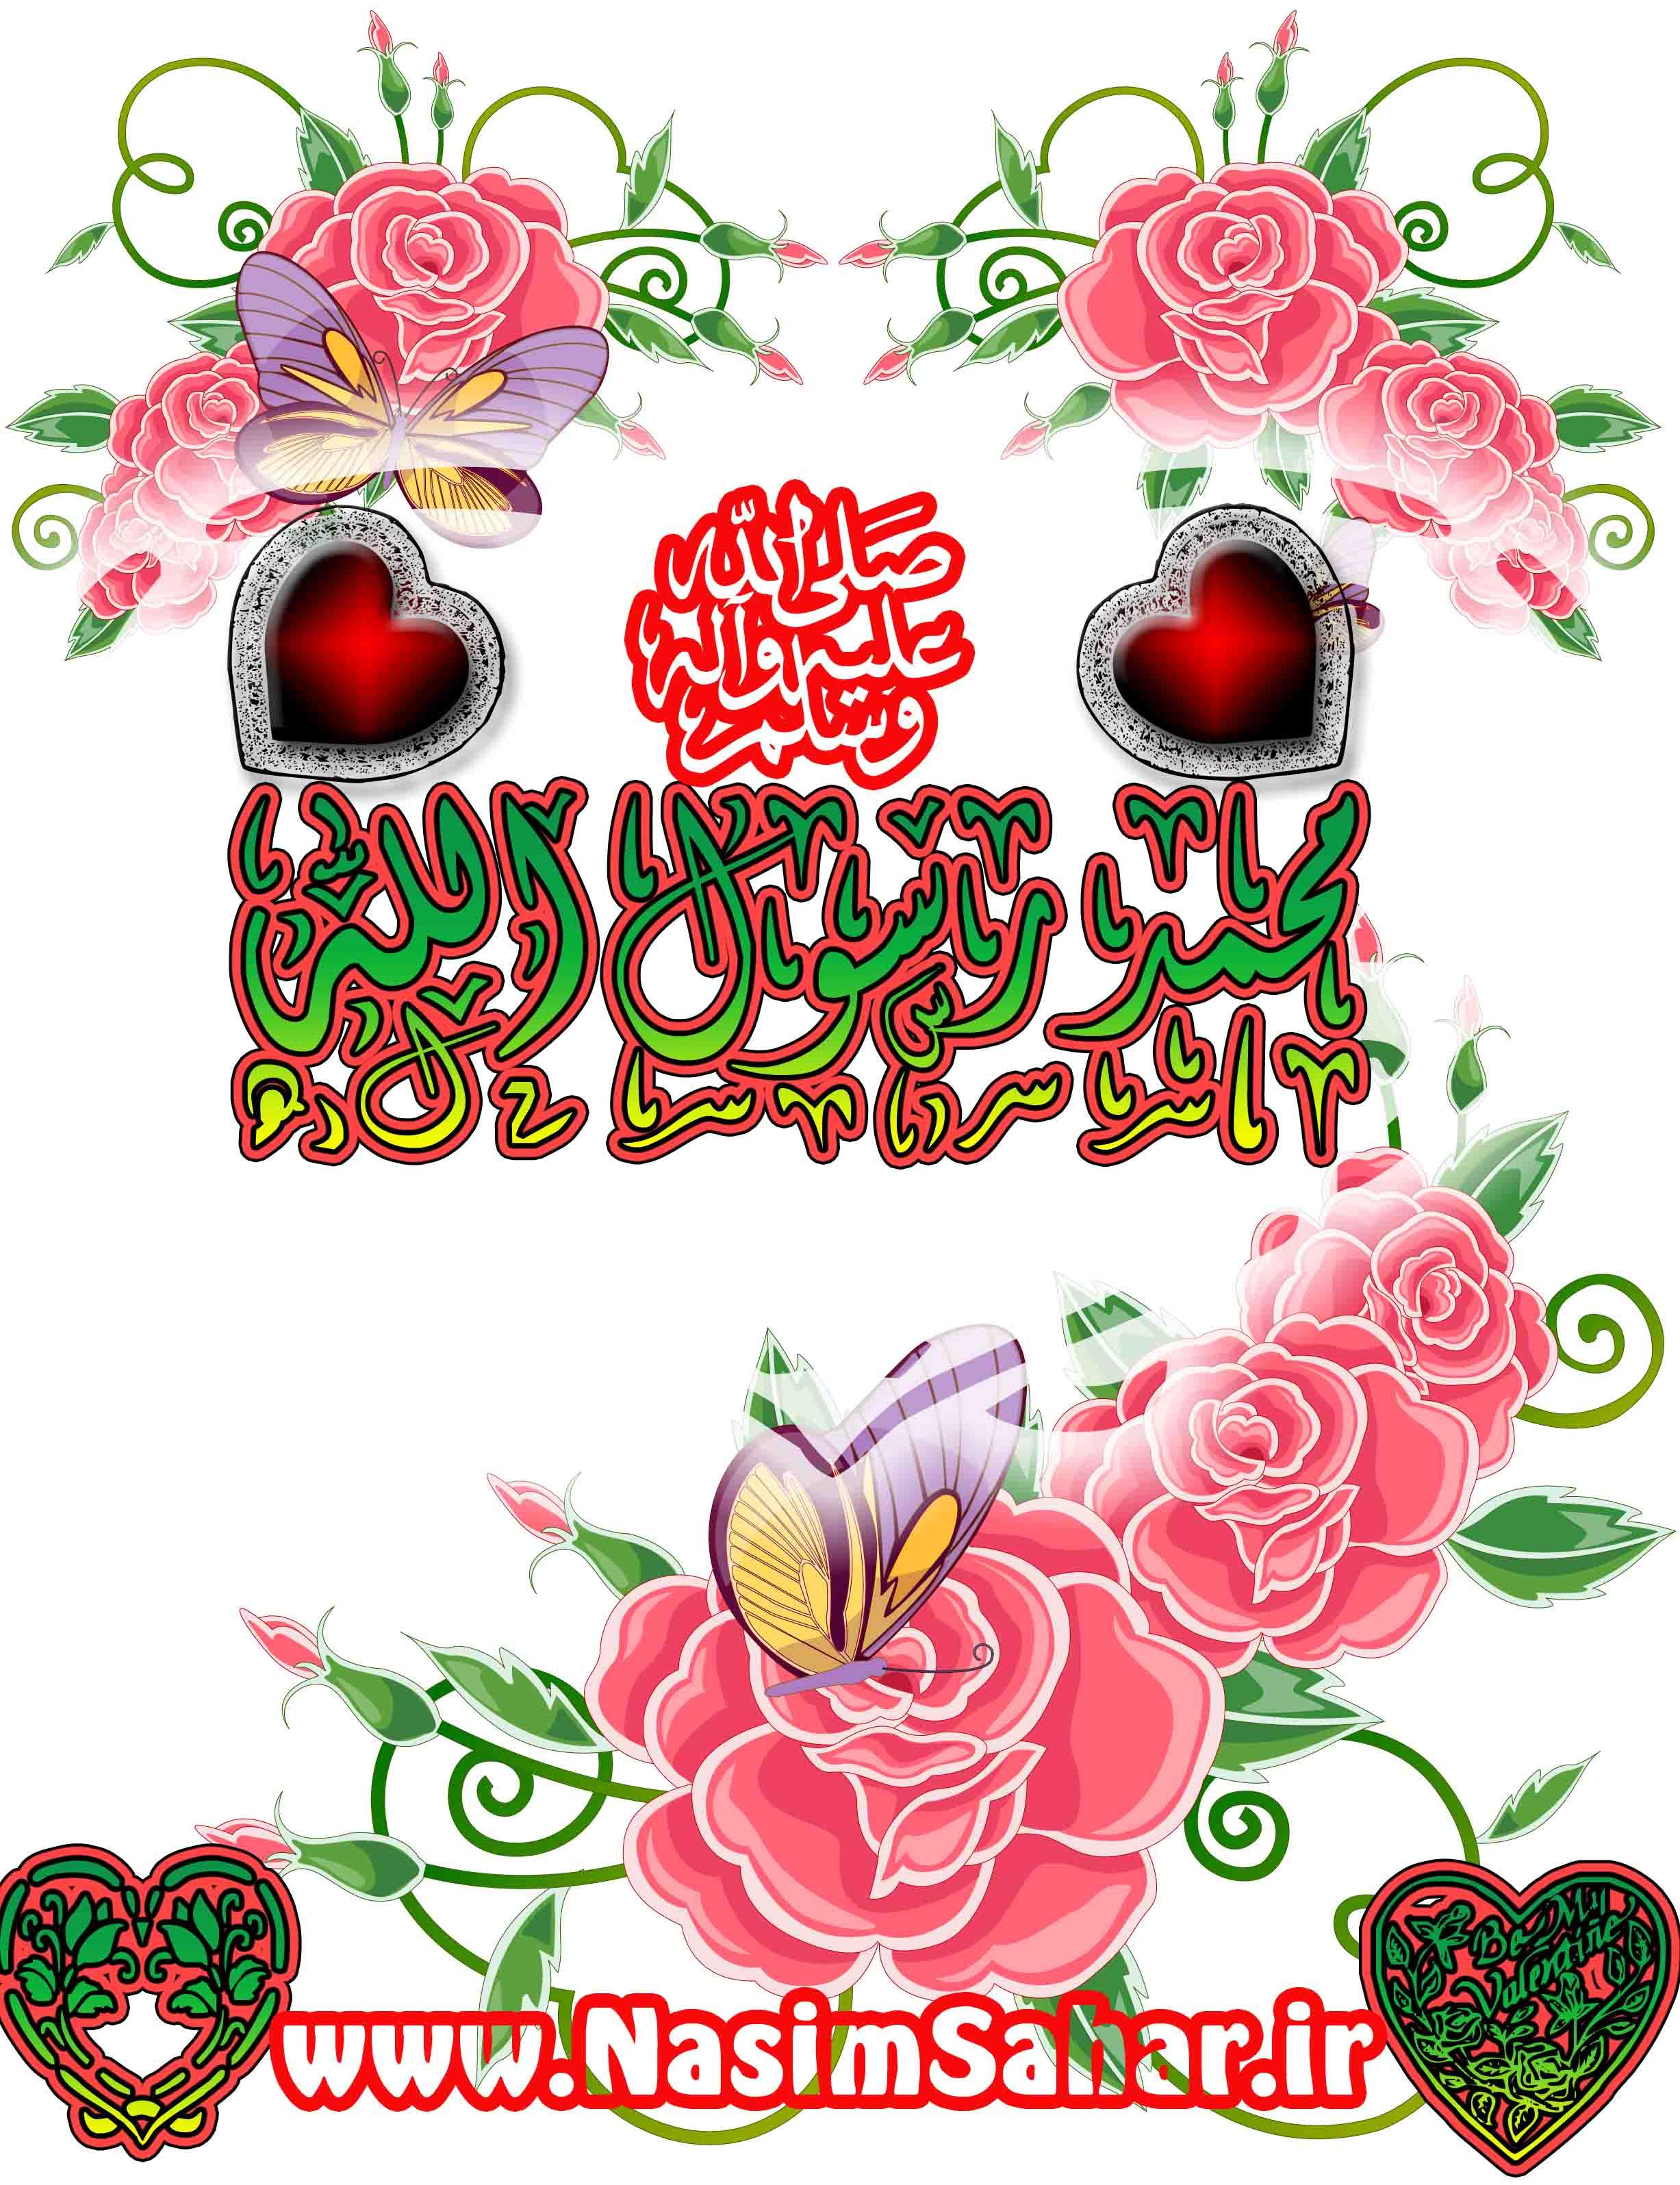 محمد رسول الله nasimsahar.ir